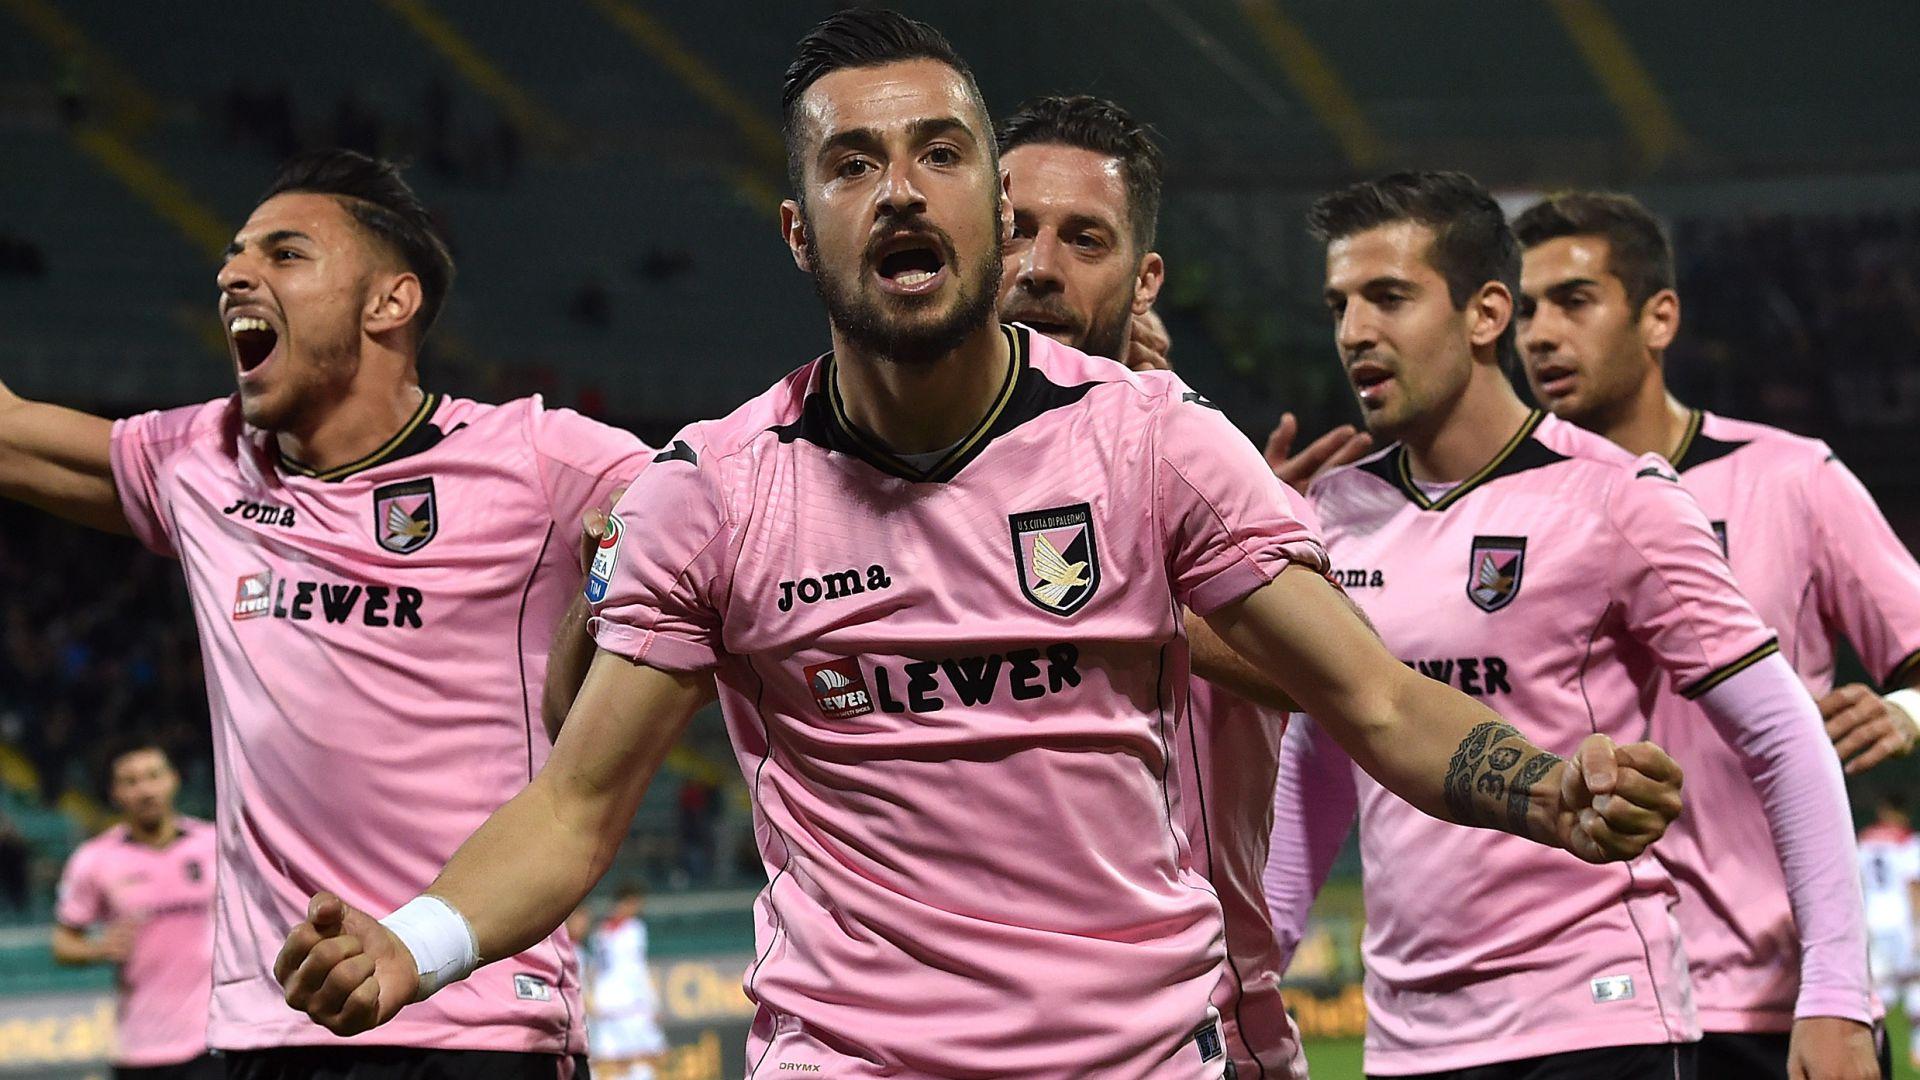 Serie B, Palermo: Giammarva è il nuovo presidente